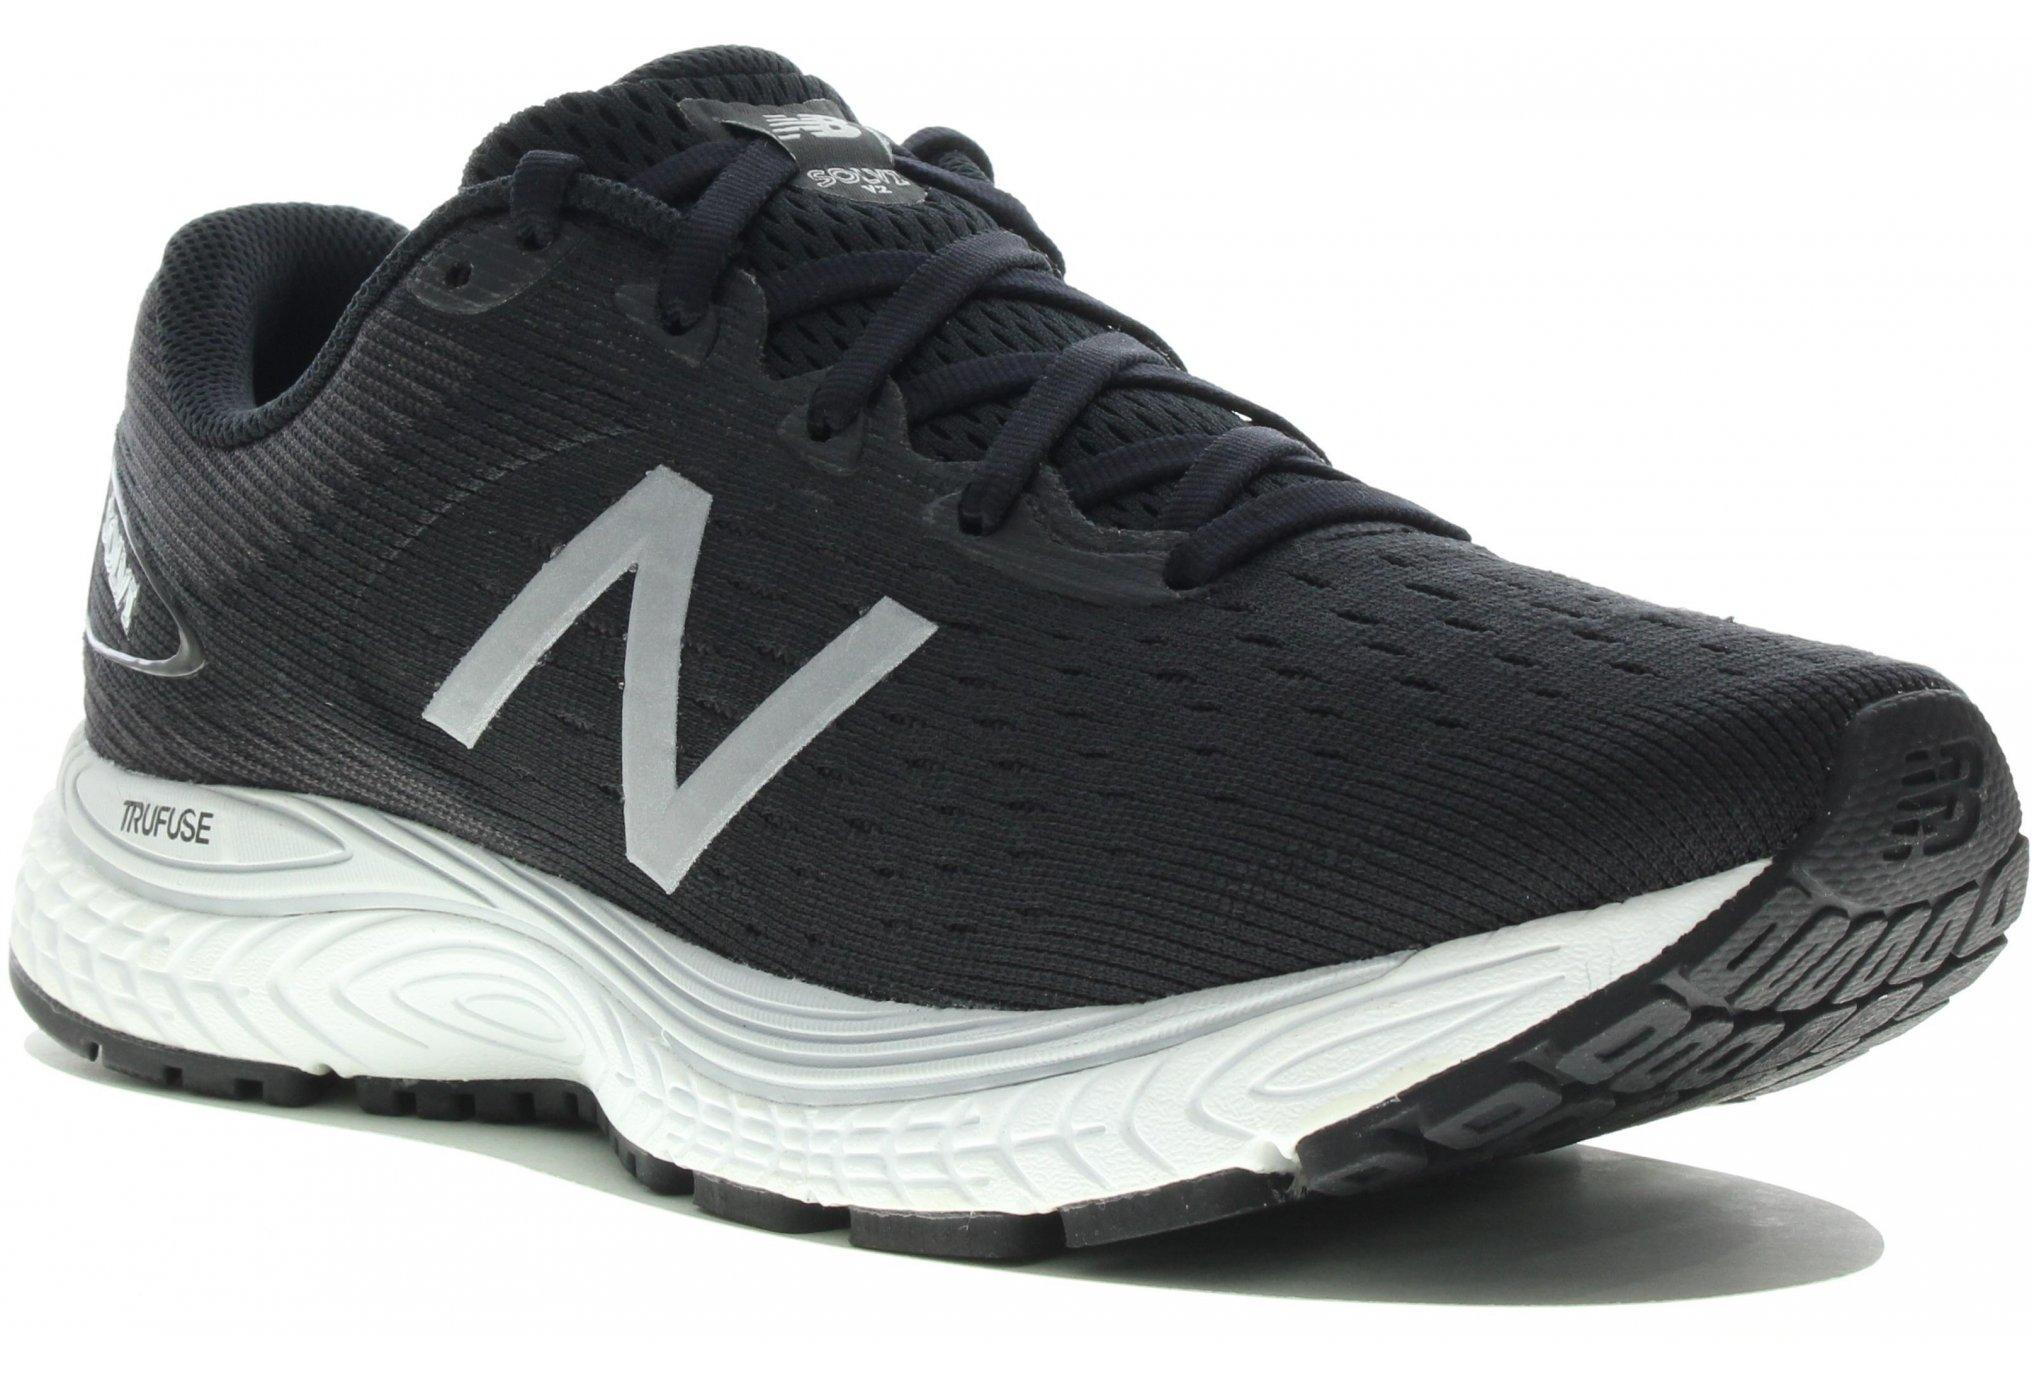 New Balance M Solvi v2 Chaussures homme